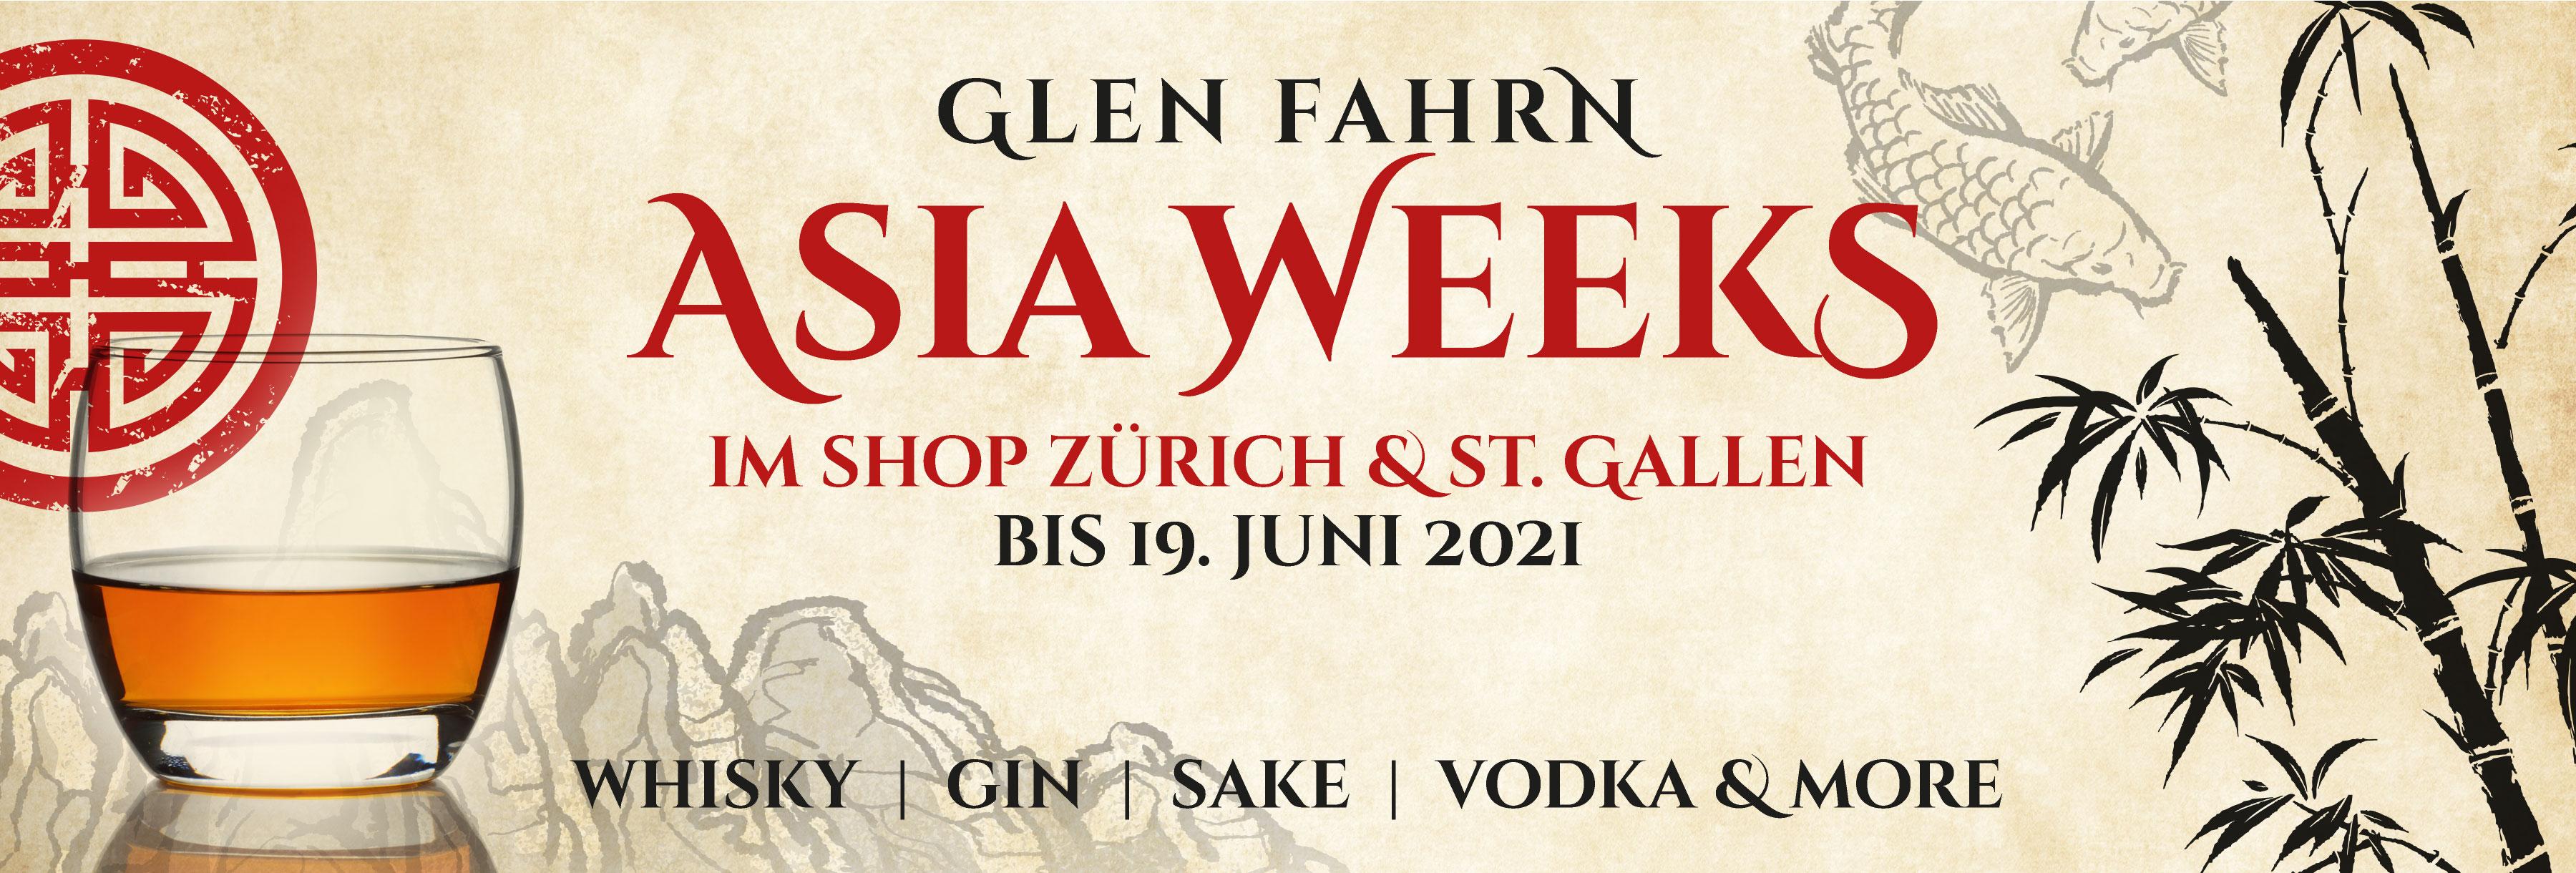 Asia Weeks Shop St.Gallen und Zürich 2021 Glen Fahrn Whisky Gin Vodka Rum Sake Raritäten Asiatische Spezialitäten